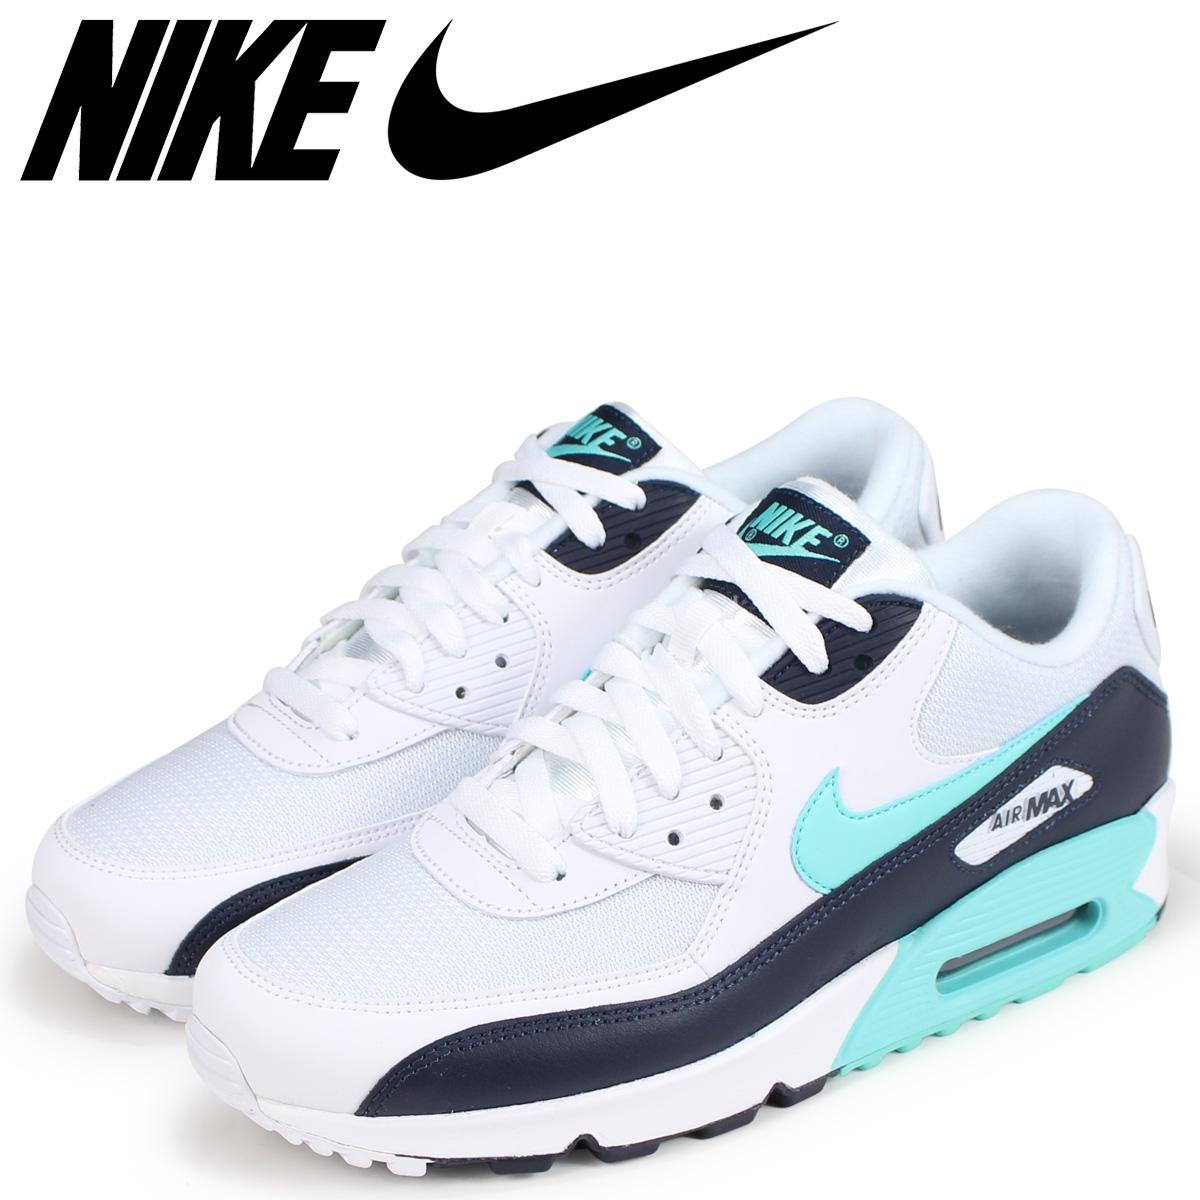 573f4f46 NIKE Kie Ney AMAX 90 essential sneakers men AIR MAX 90 ESSENTIAL AJ1285-102  white ...